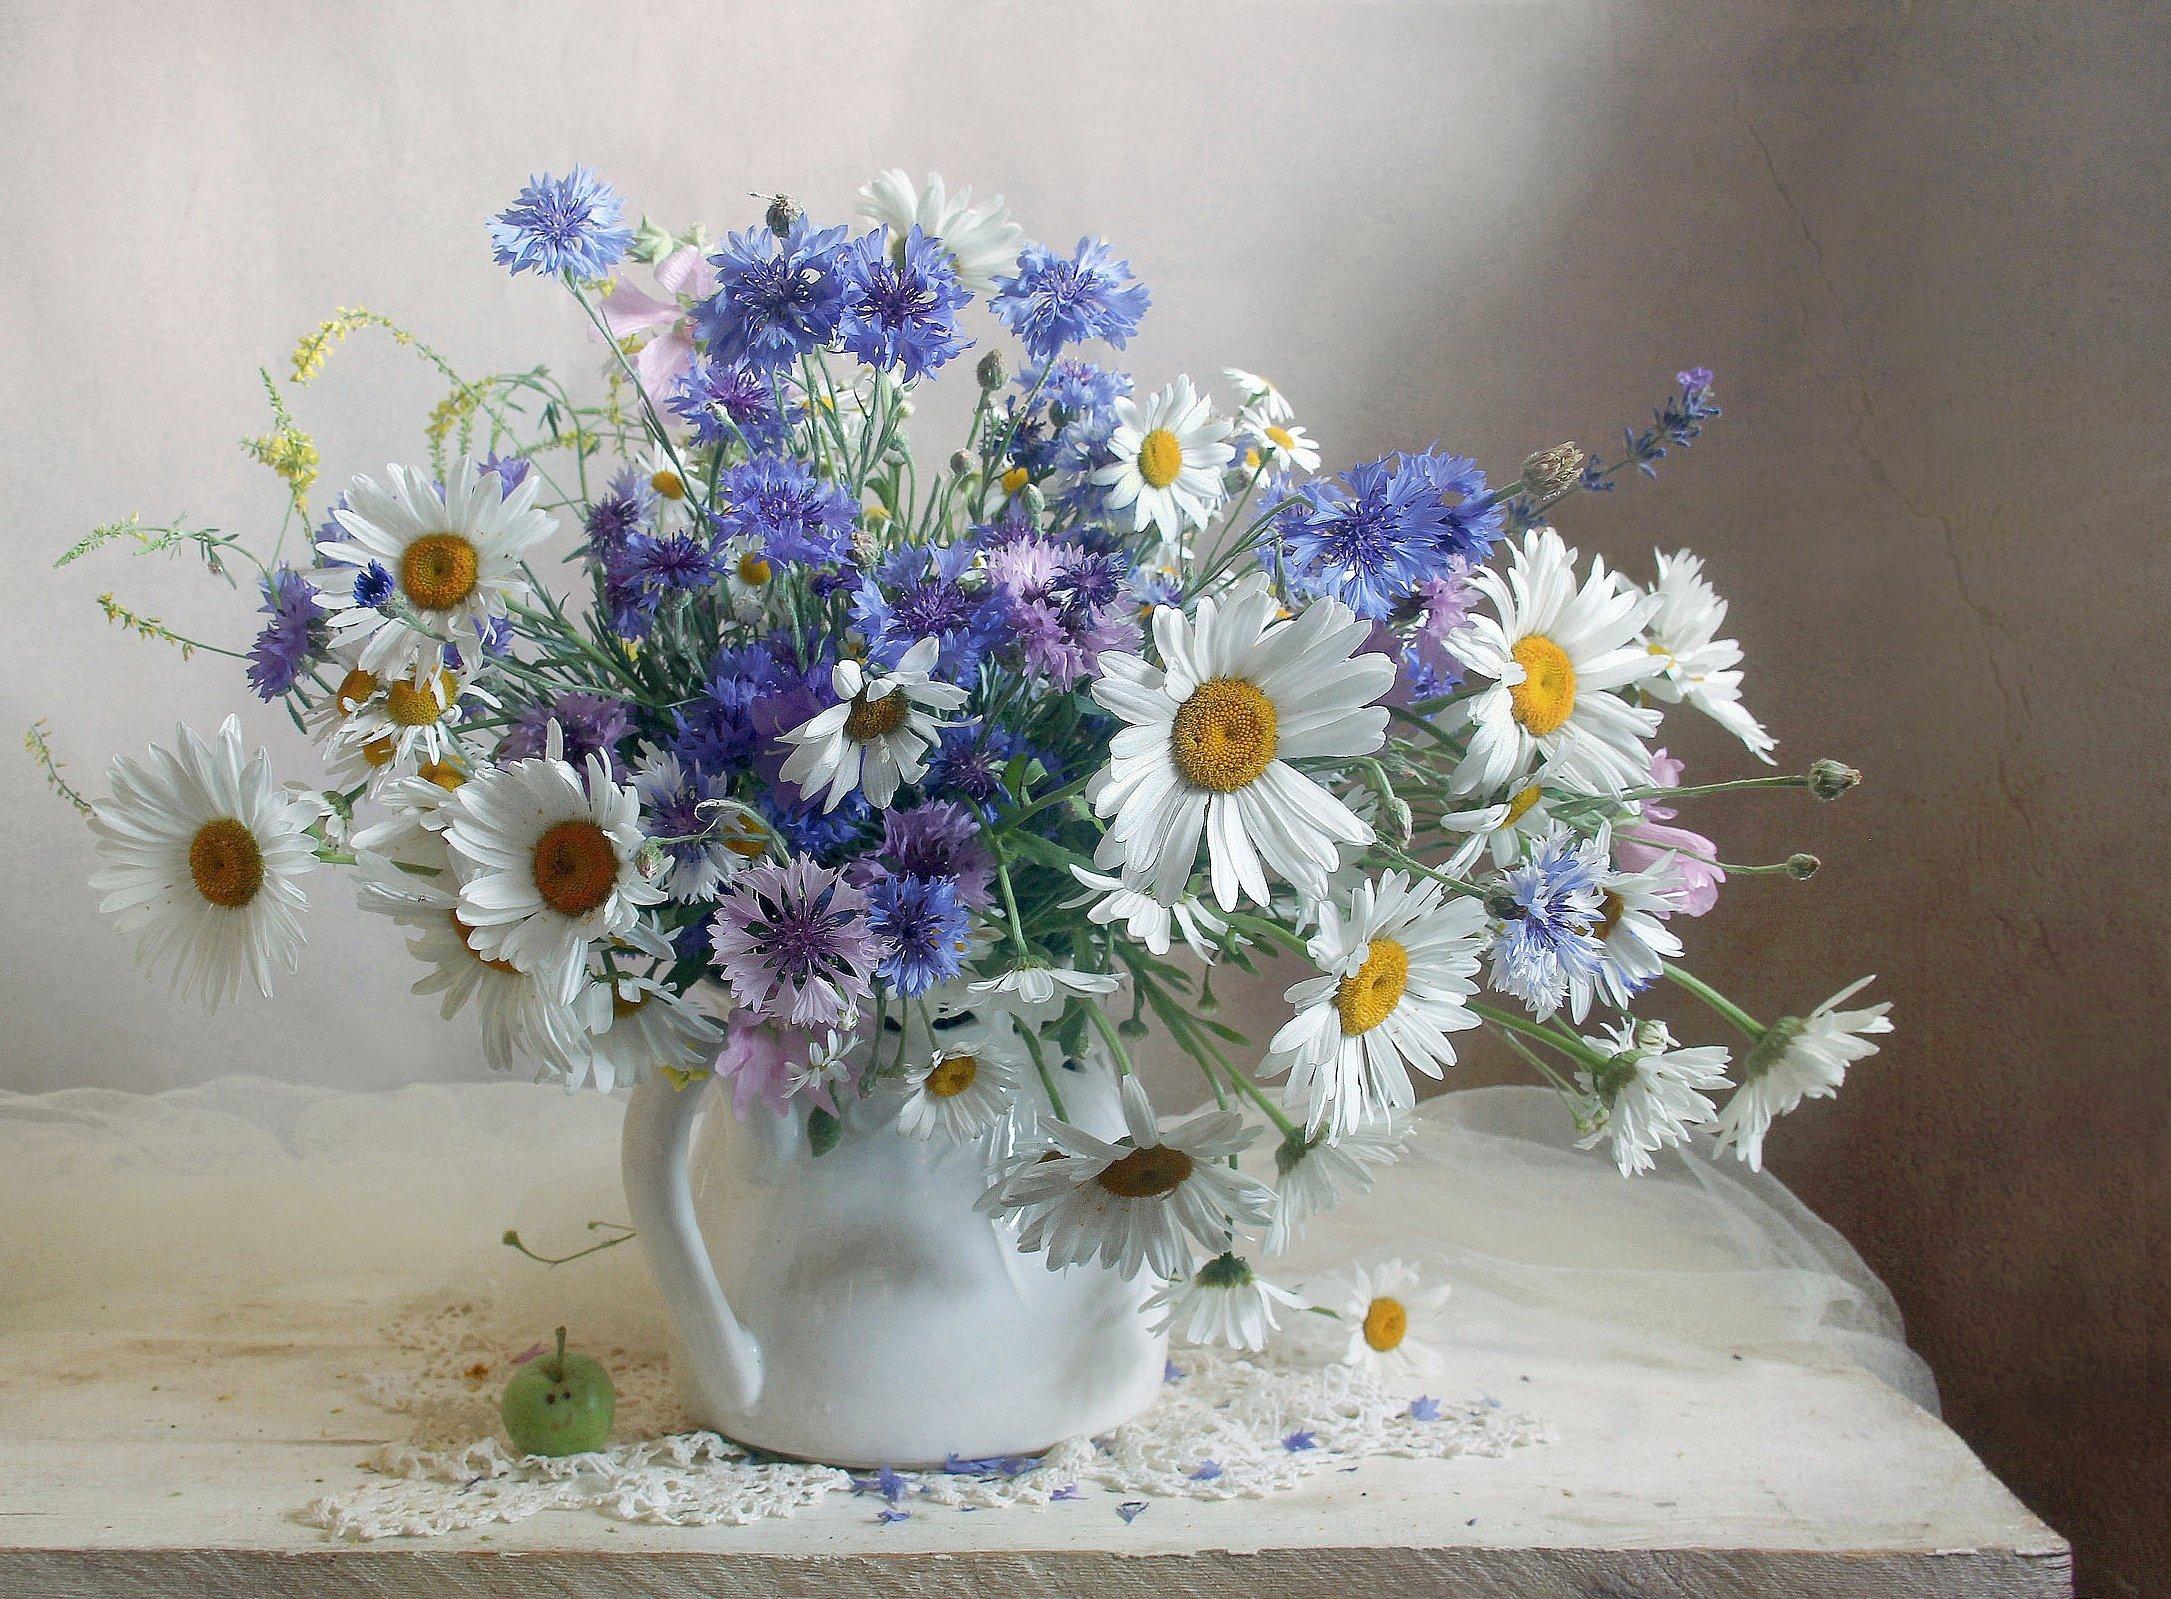 лето,  цветы,васильки, ромашки, натюрморт, марина филатова, Филатова Марина